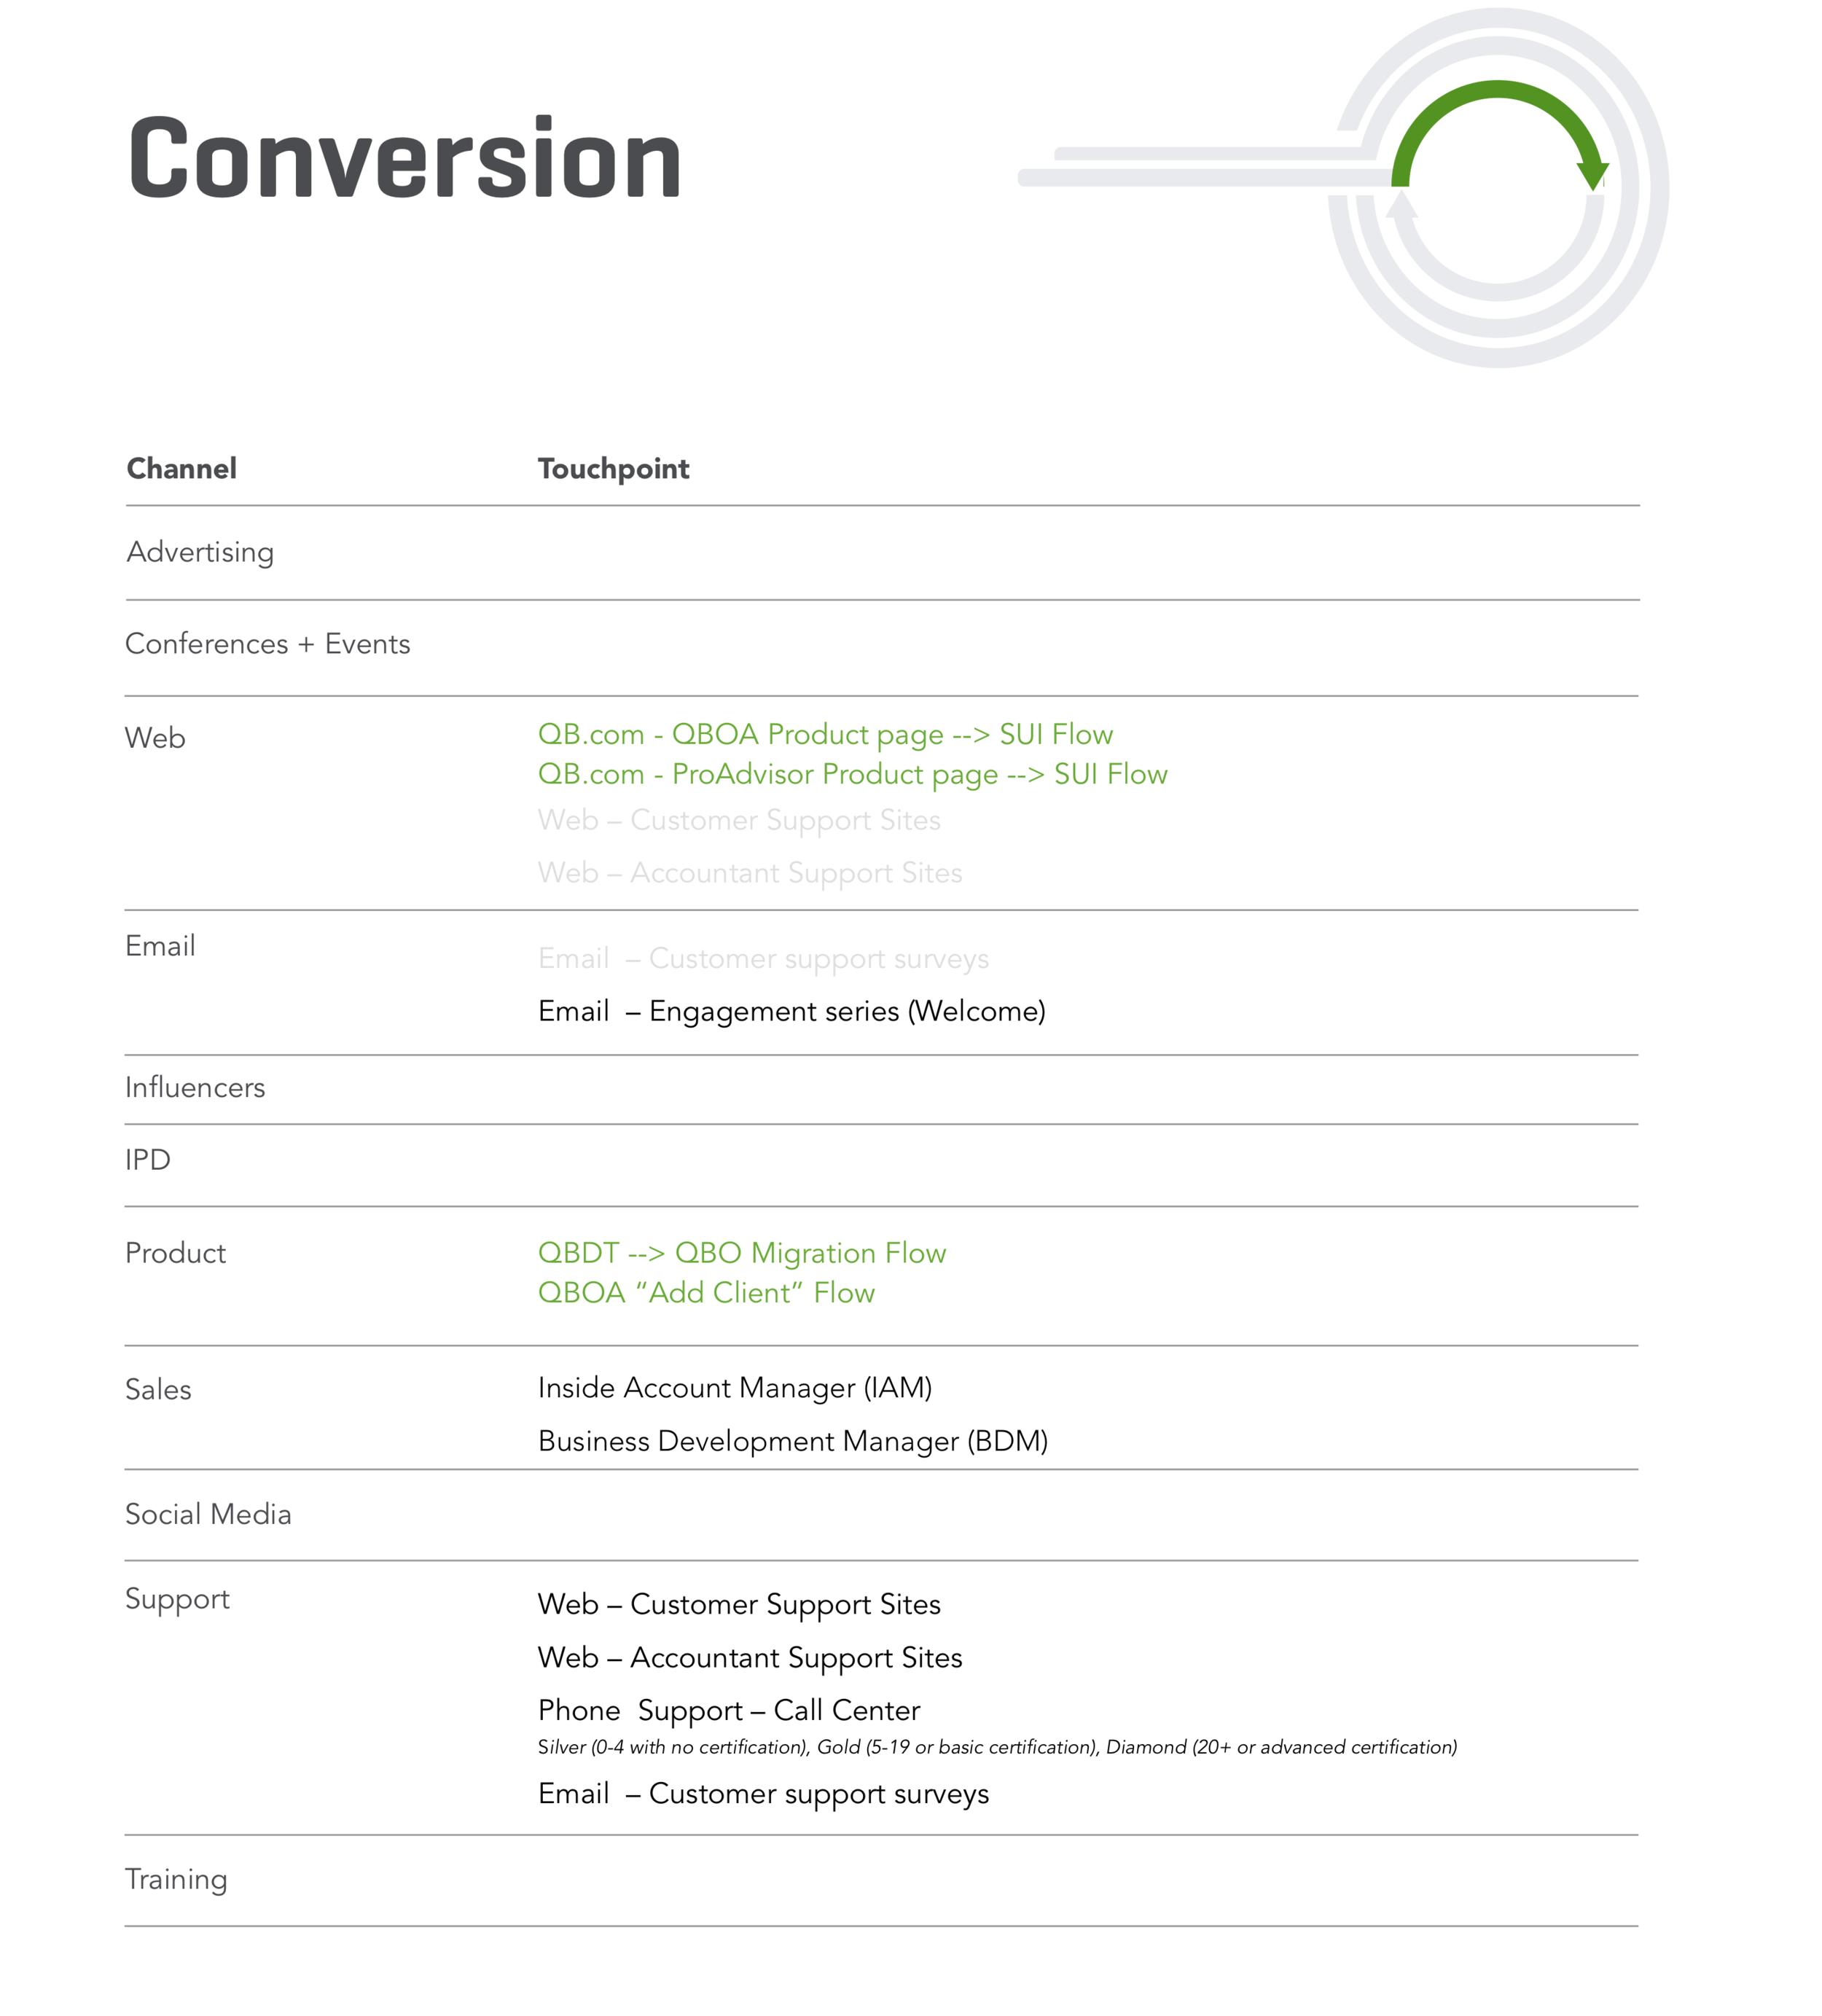 Conversion_AP.png